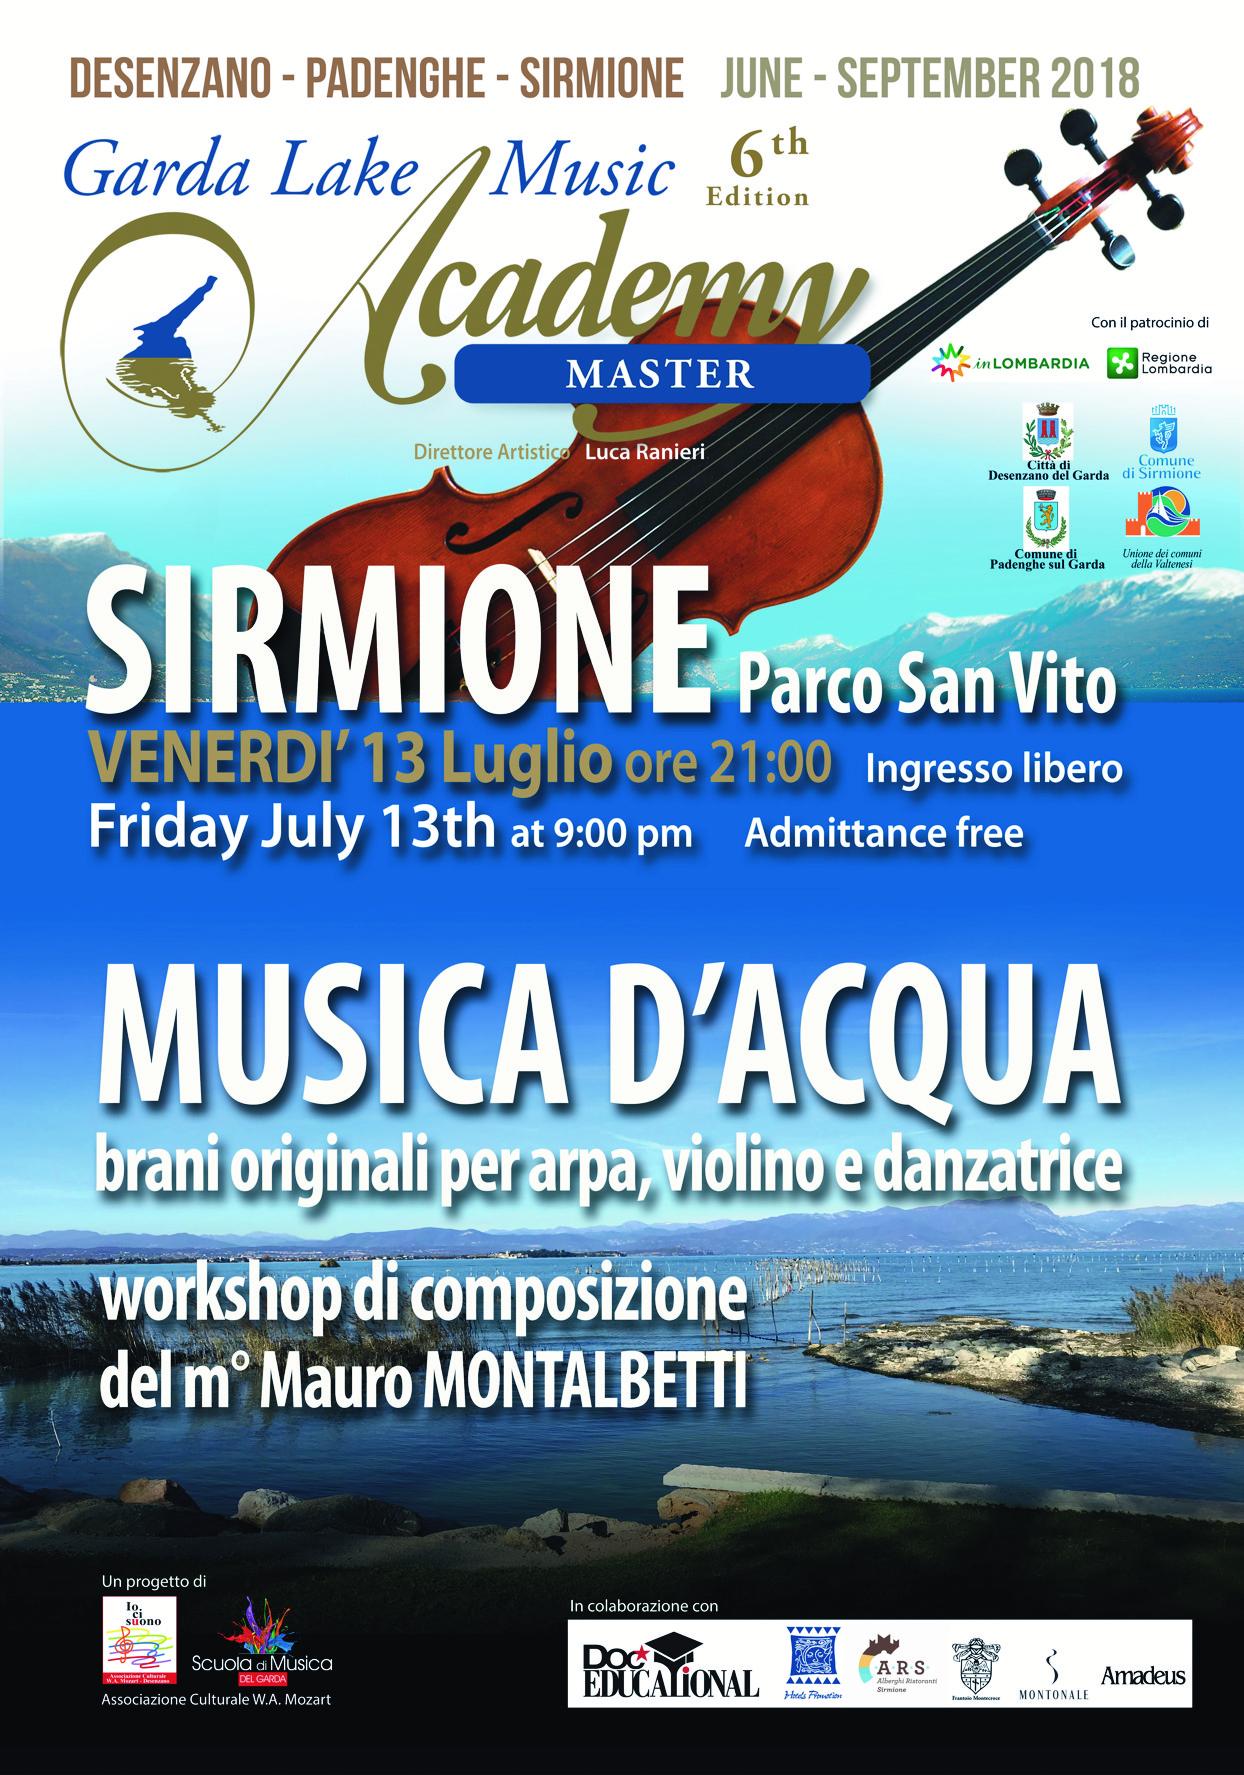 Garda Lake Music